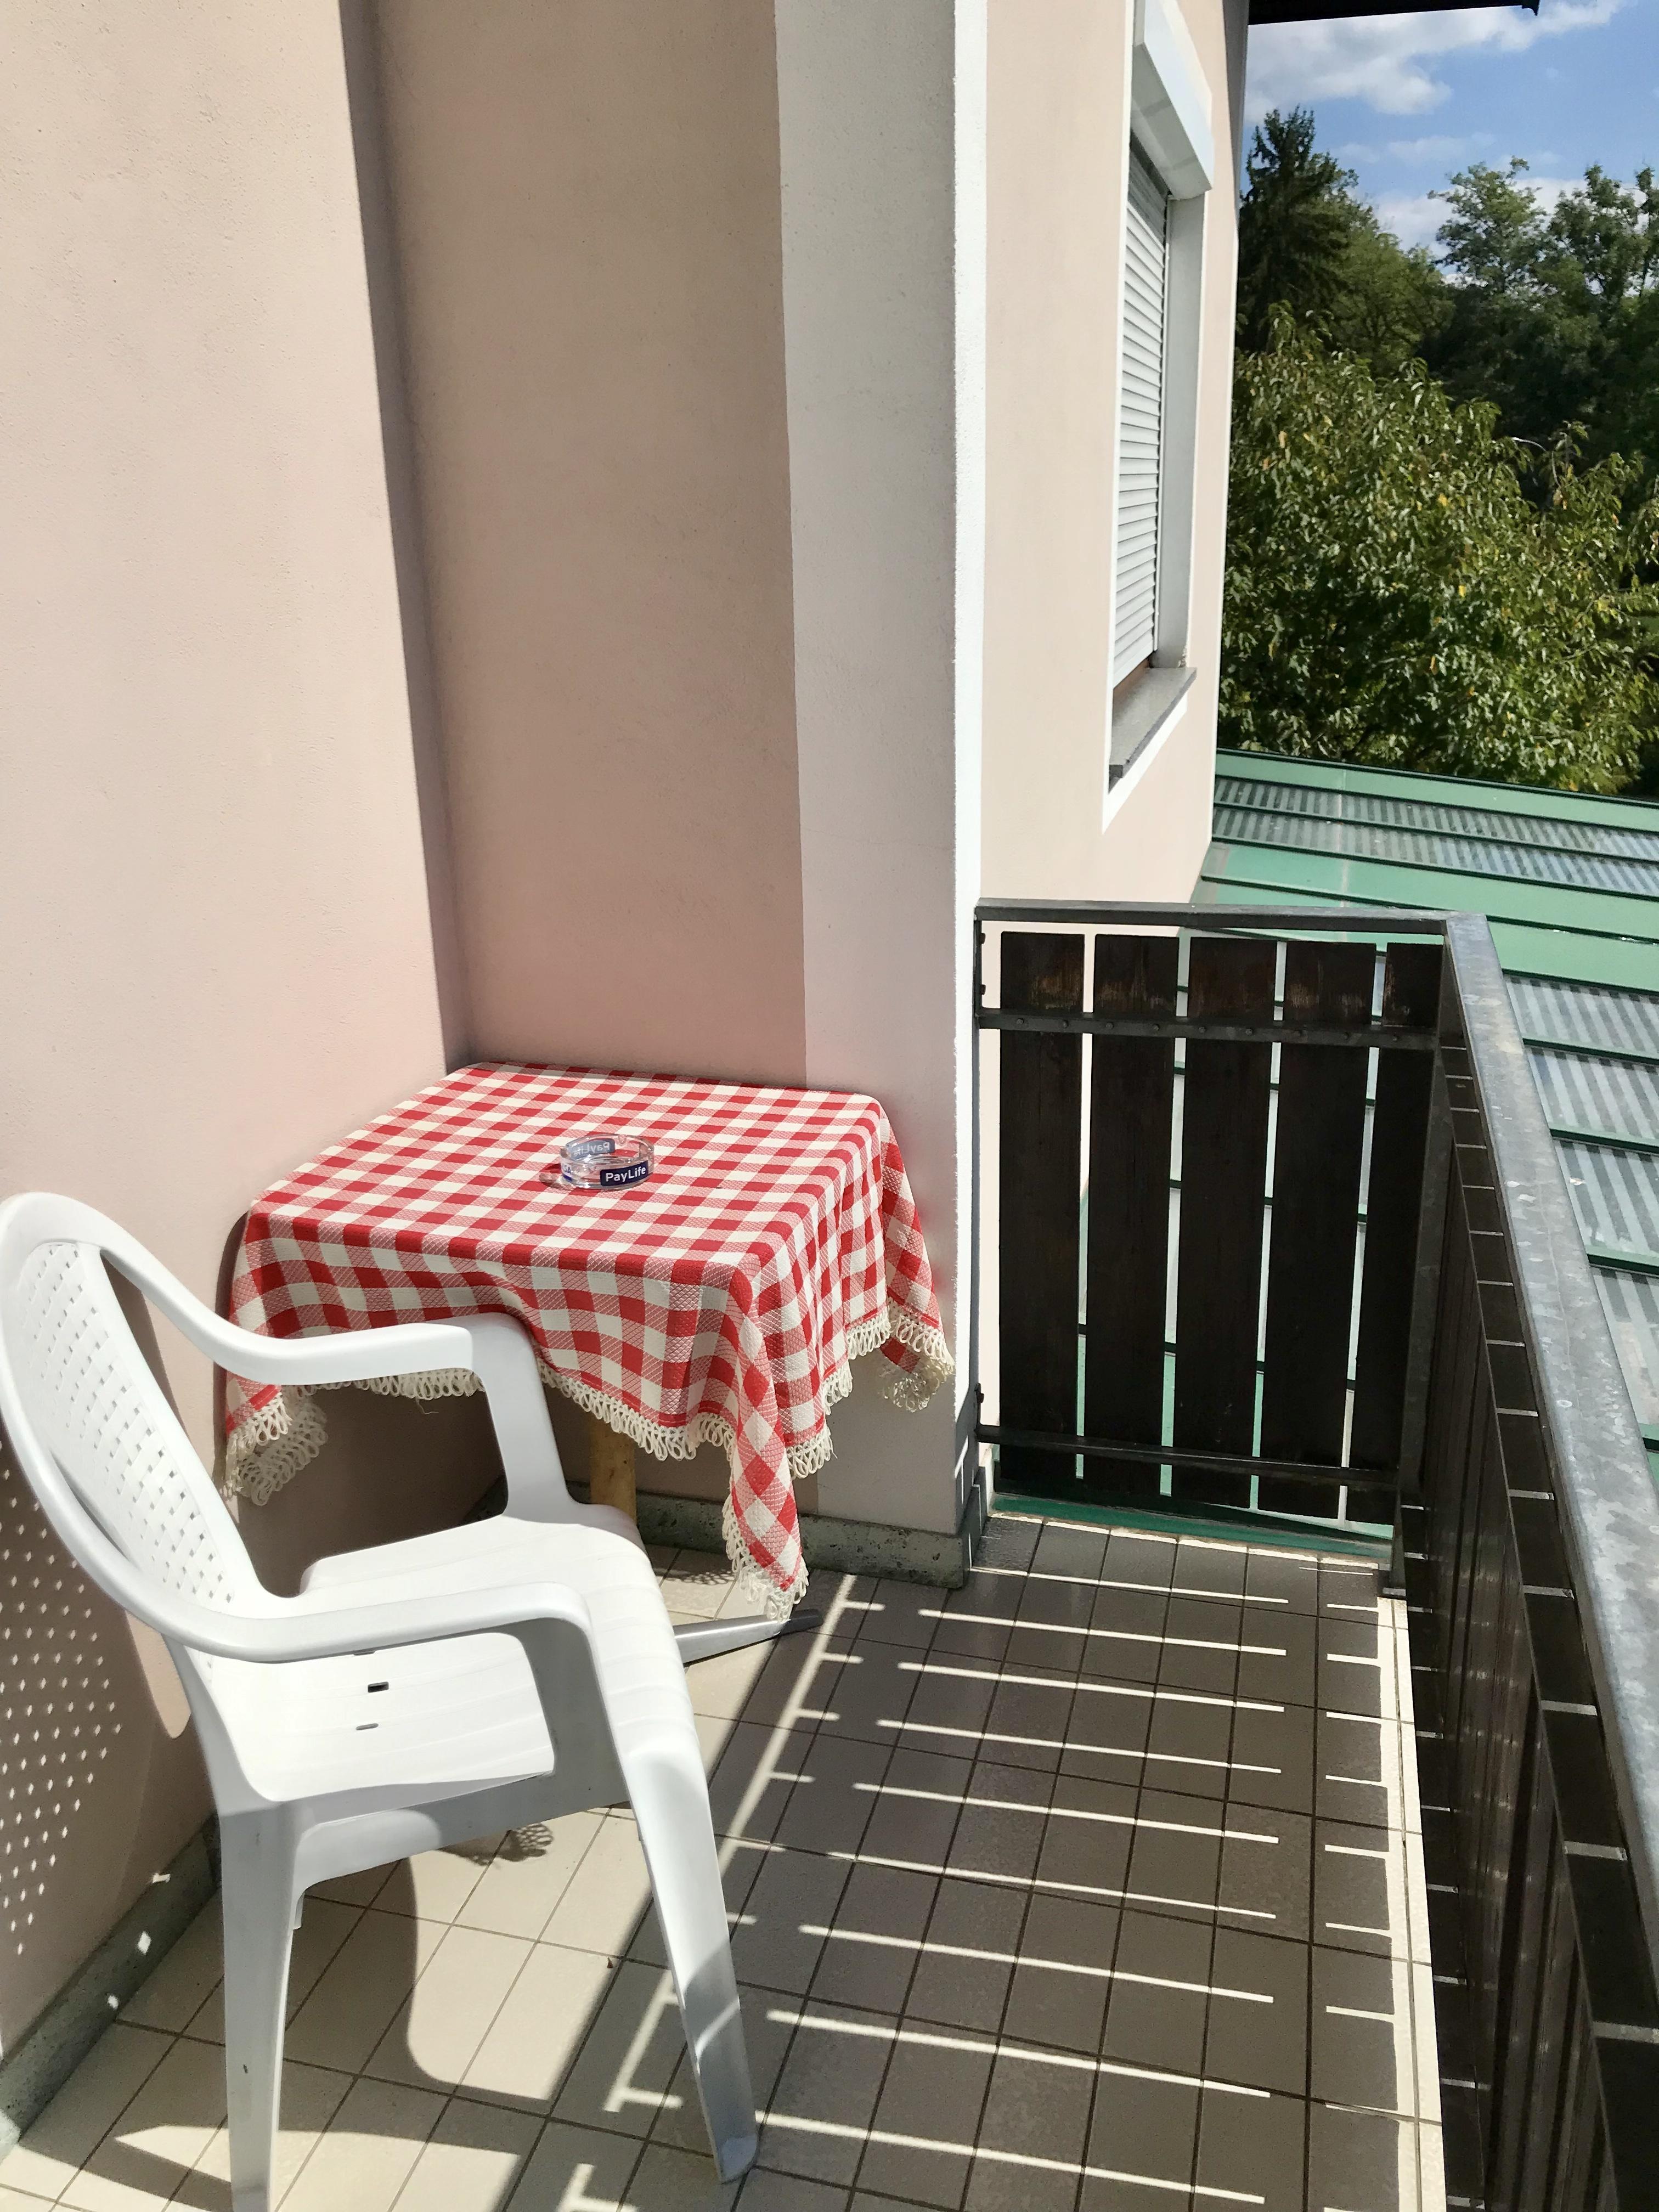 Zimmer Nr. 2 - Balkon - Sitzecke